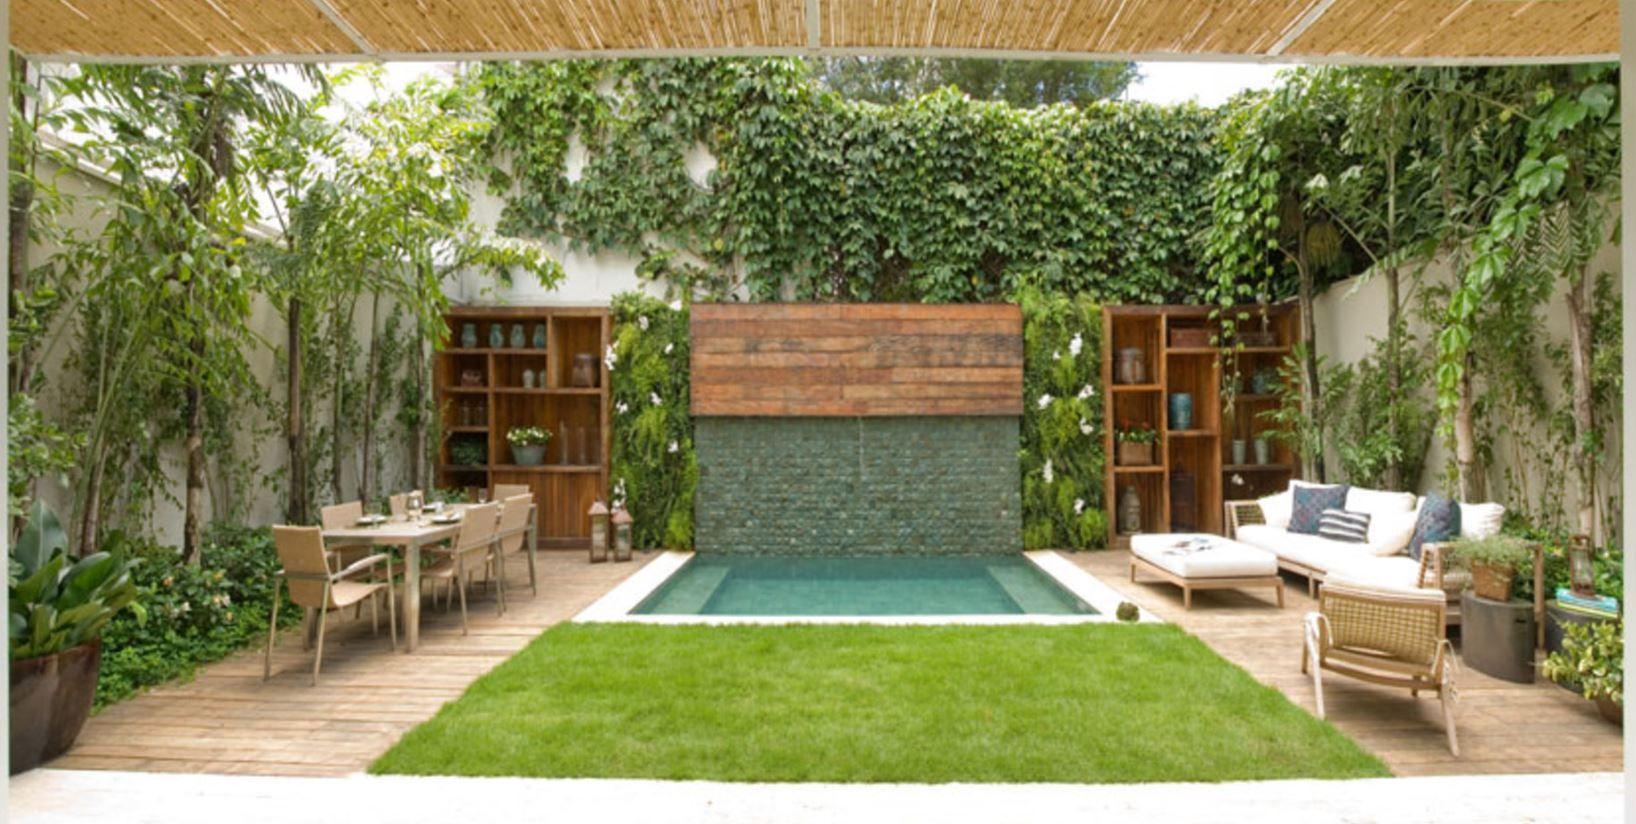 Quintal piscina pequena varandas e piscinas pinterest - Piscina prefabricada pequena ...